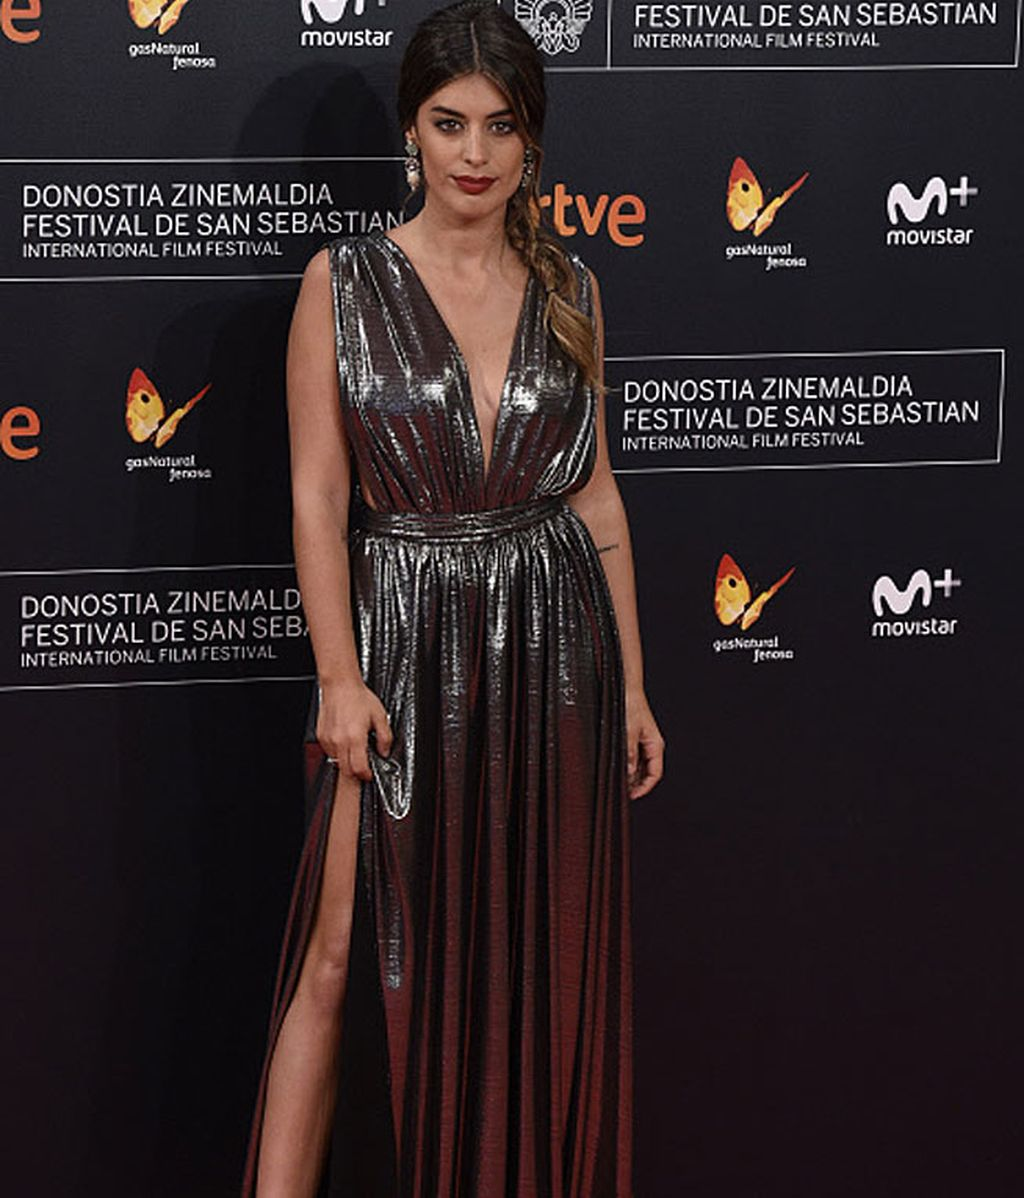 La chida de moda, Dulceida, se ha colado así de espectacular en la gala